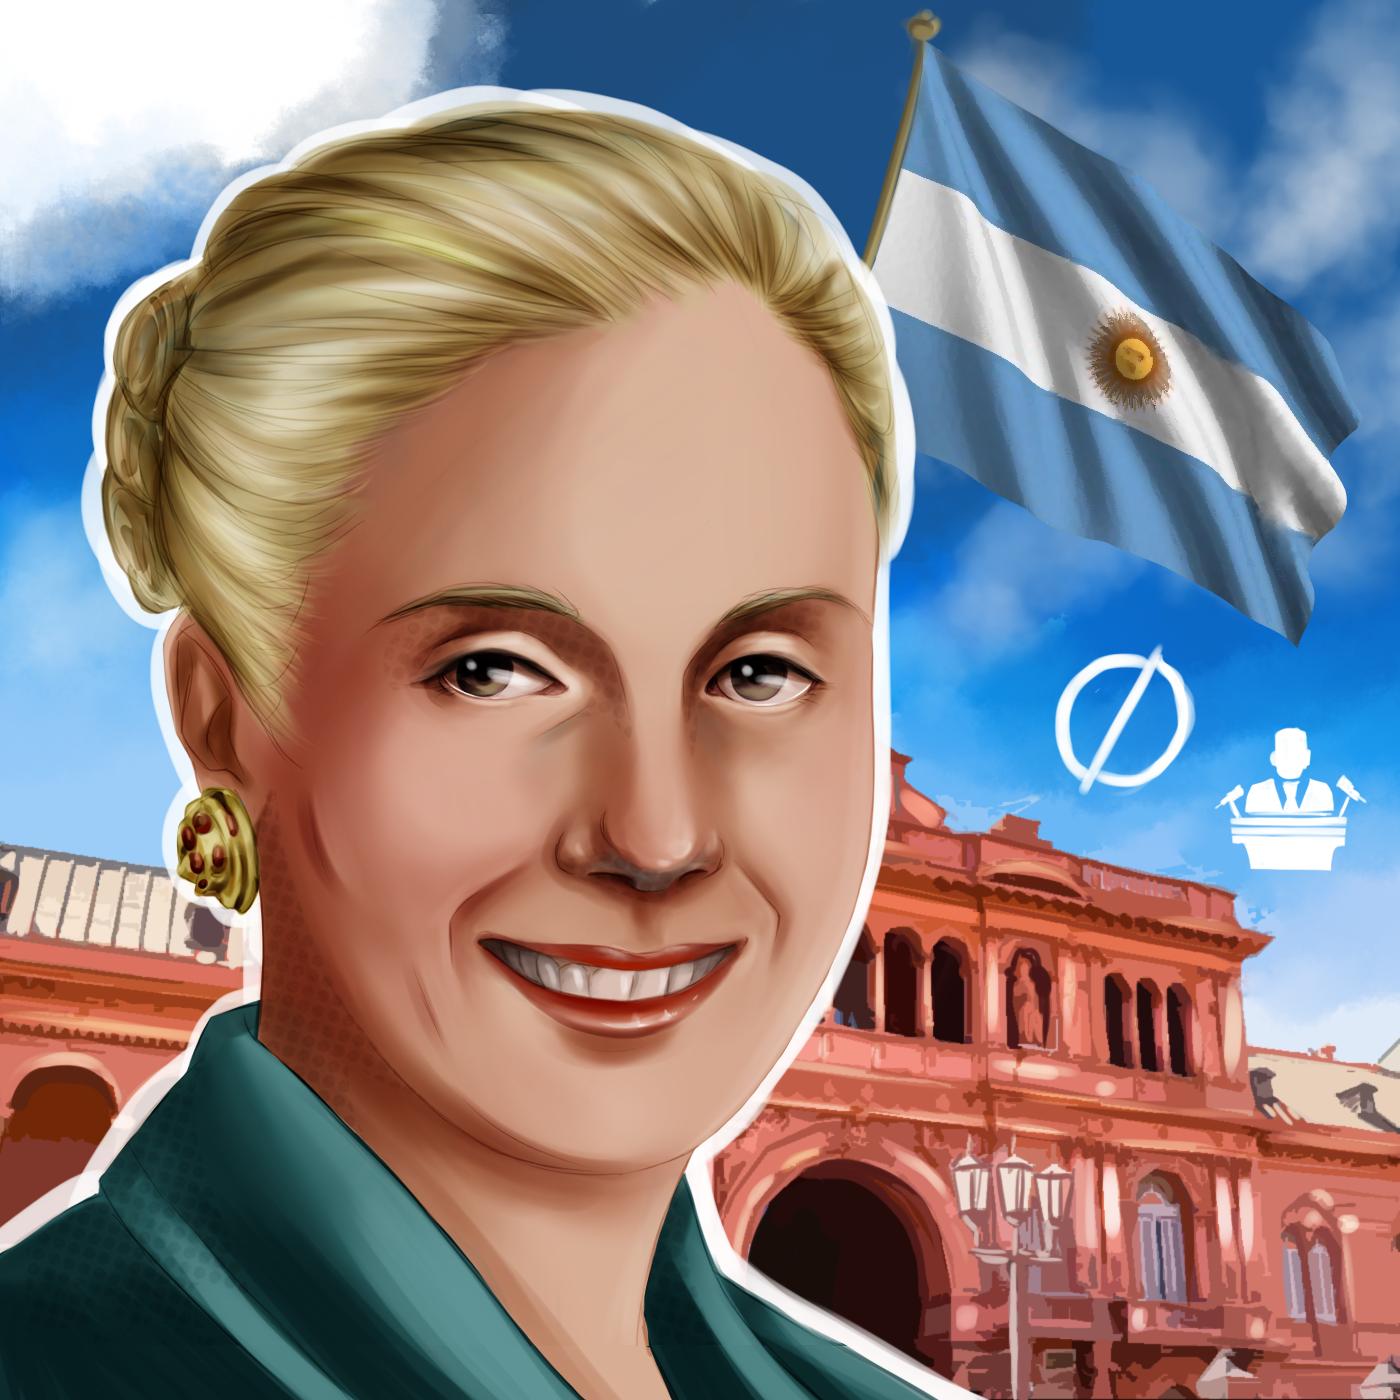 la passionale idealista Evita Perón